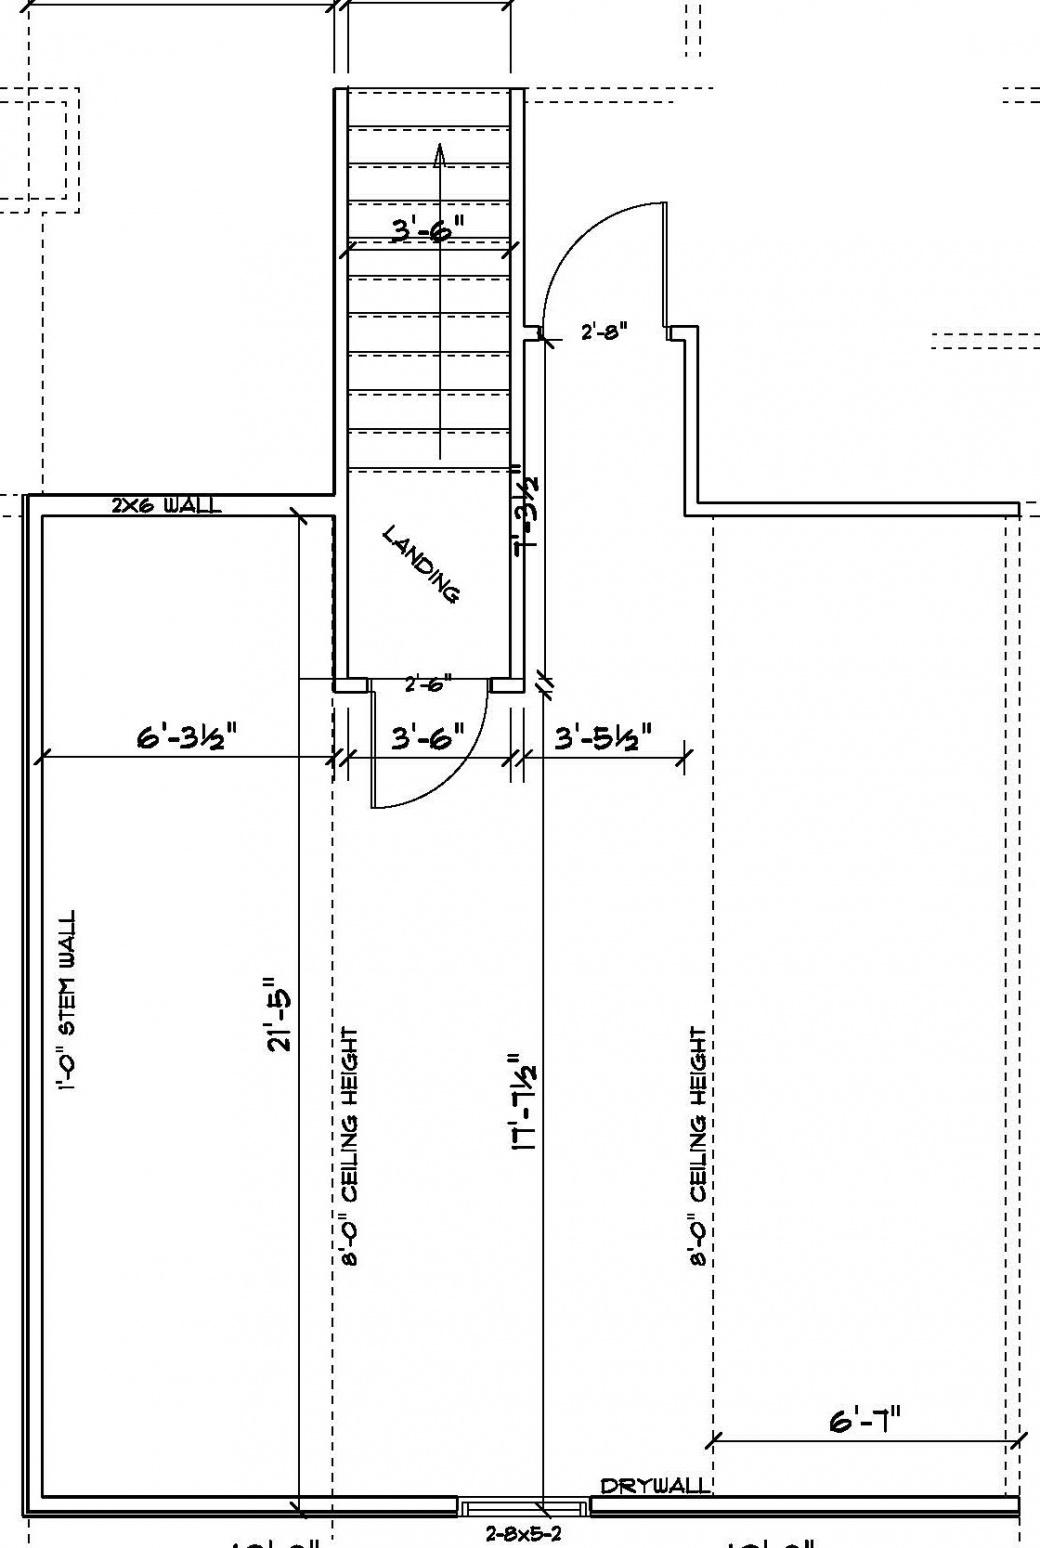 pungo wfr sketch 2nd floor